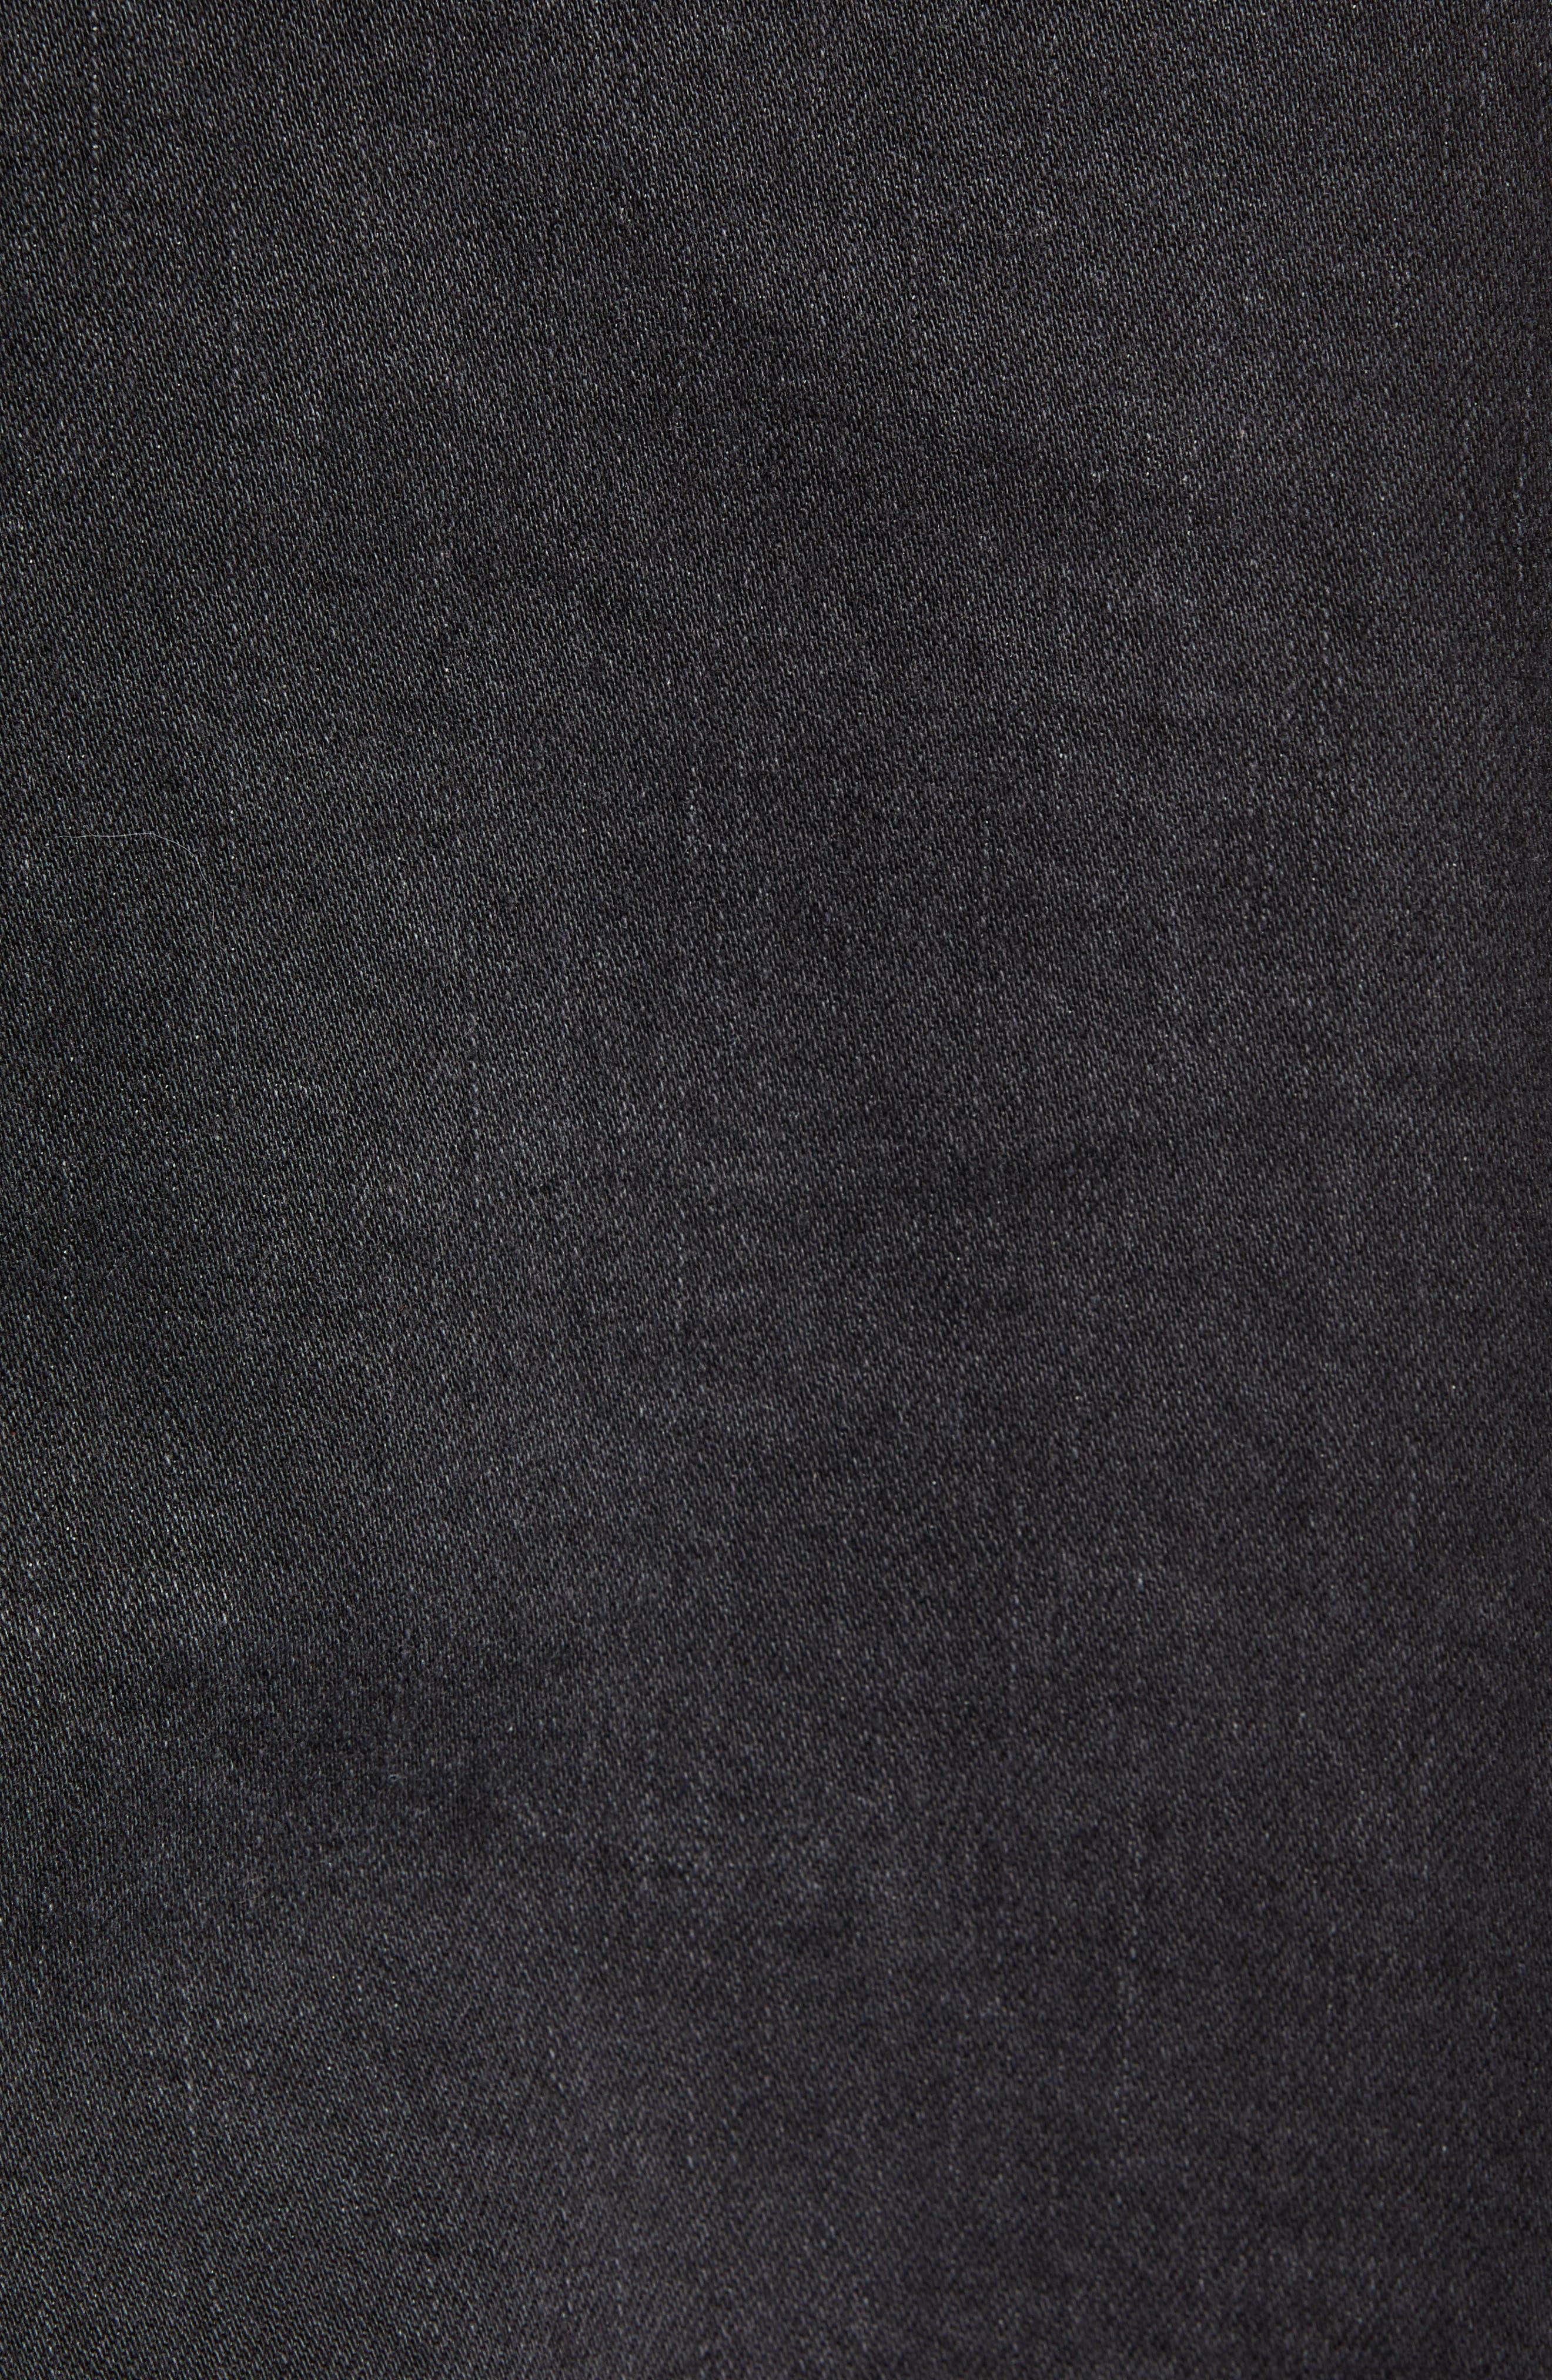 Cobra Ripped Denim Skirt,                             Alternate thumbnail 6, color,                             BLACK